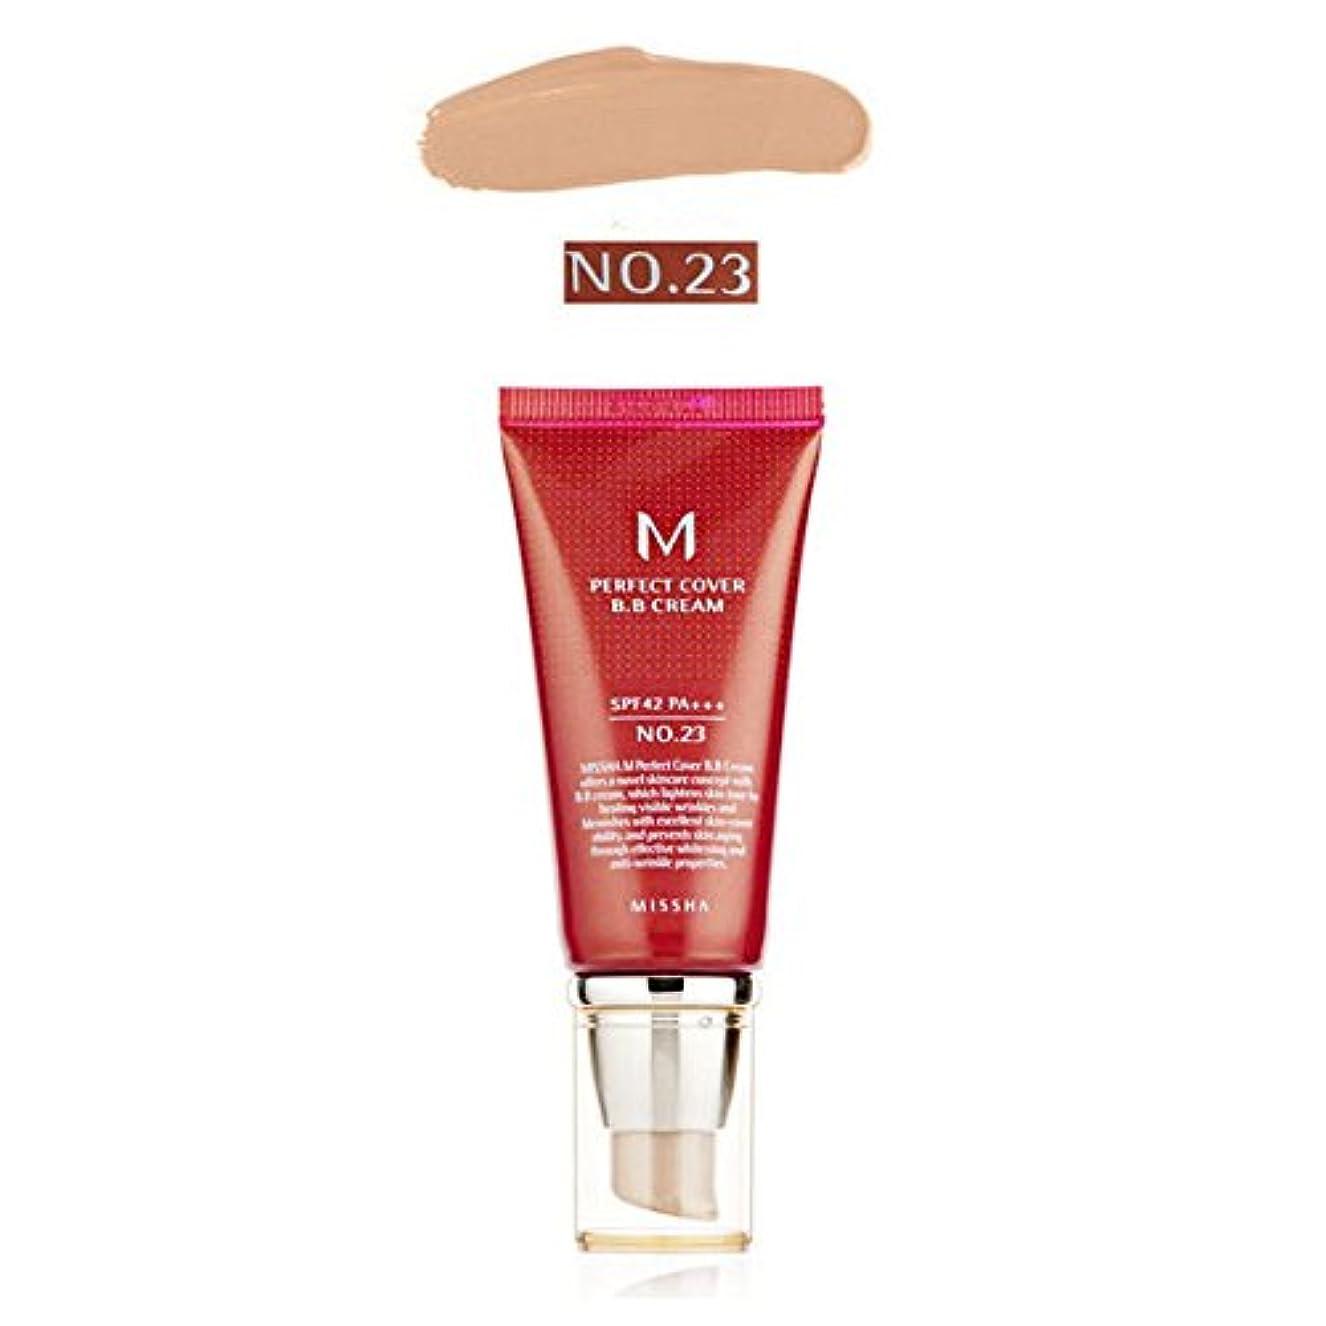 海上露骨な親愛な[ミシャ] MISSHA [M パーフェクト カバー BBクリーム 21号 / 23号50ml] (M Perfect Cover BB cream 21号 / 23号 50ml) SPF42 PA+++ (Type2 : No.23 Medium Beige) [並行輸入品]